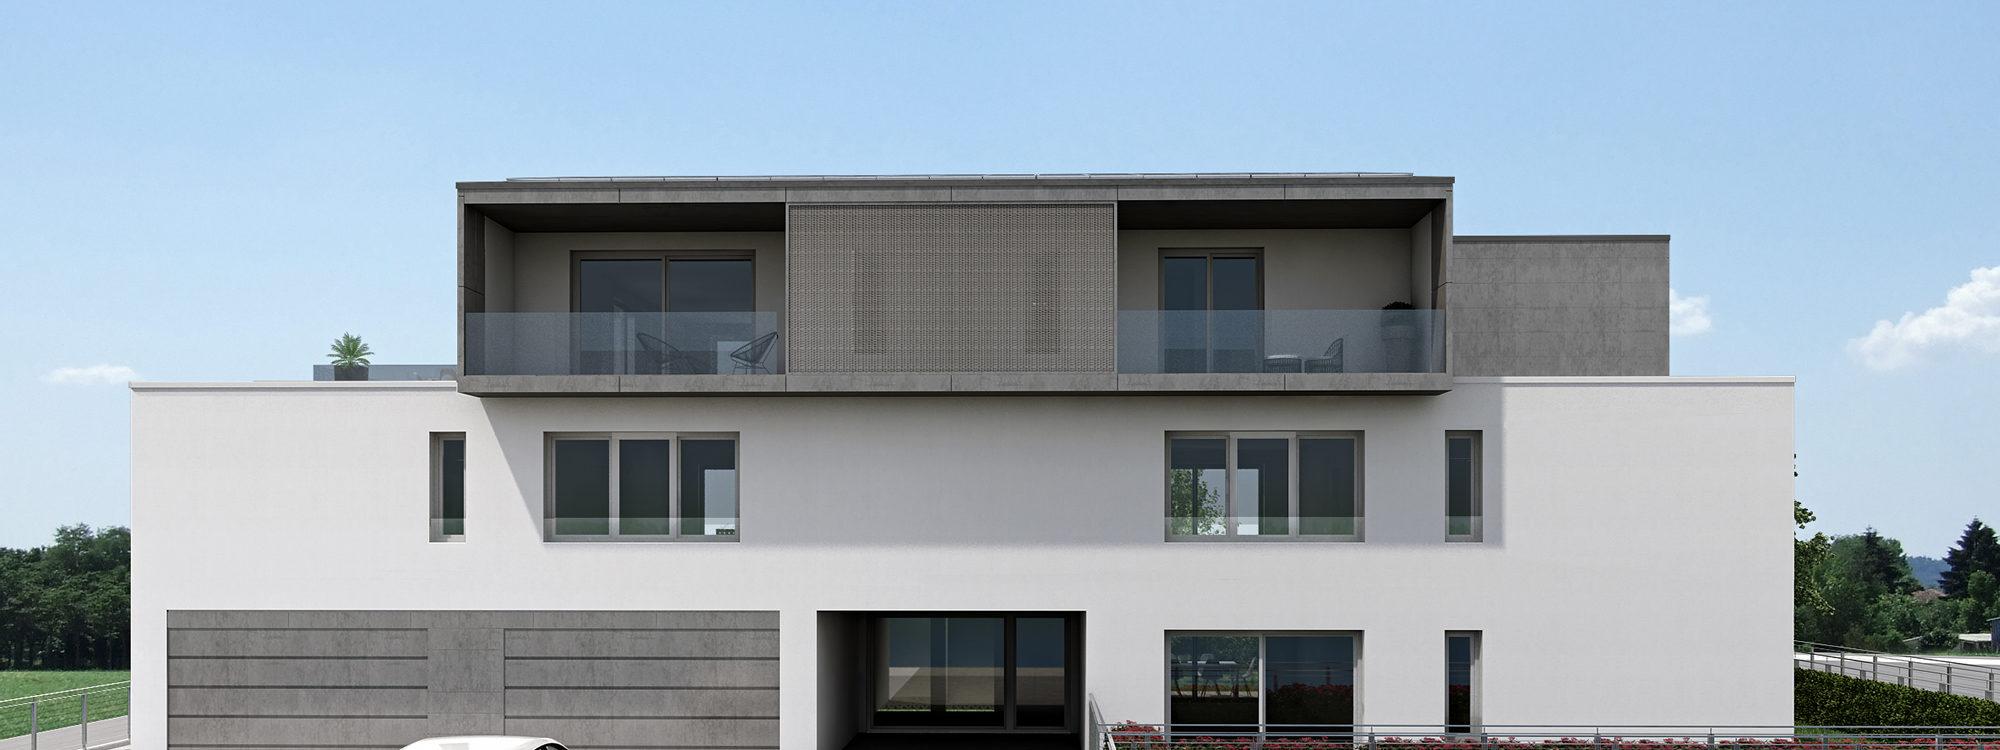 Residence Guglielmo Marconi in Xlam e acciaio a Costabissara